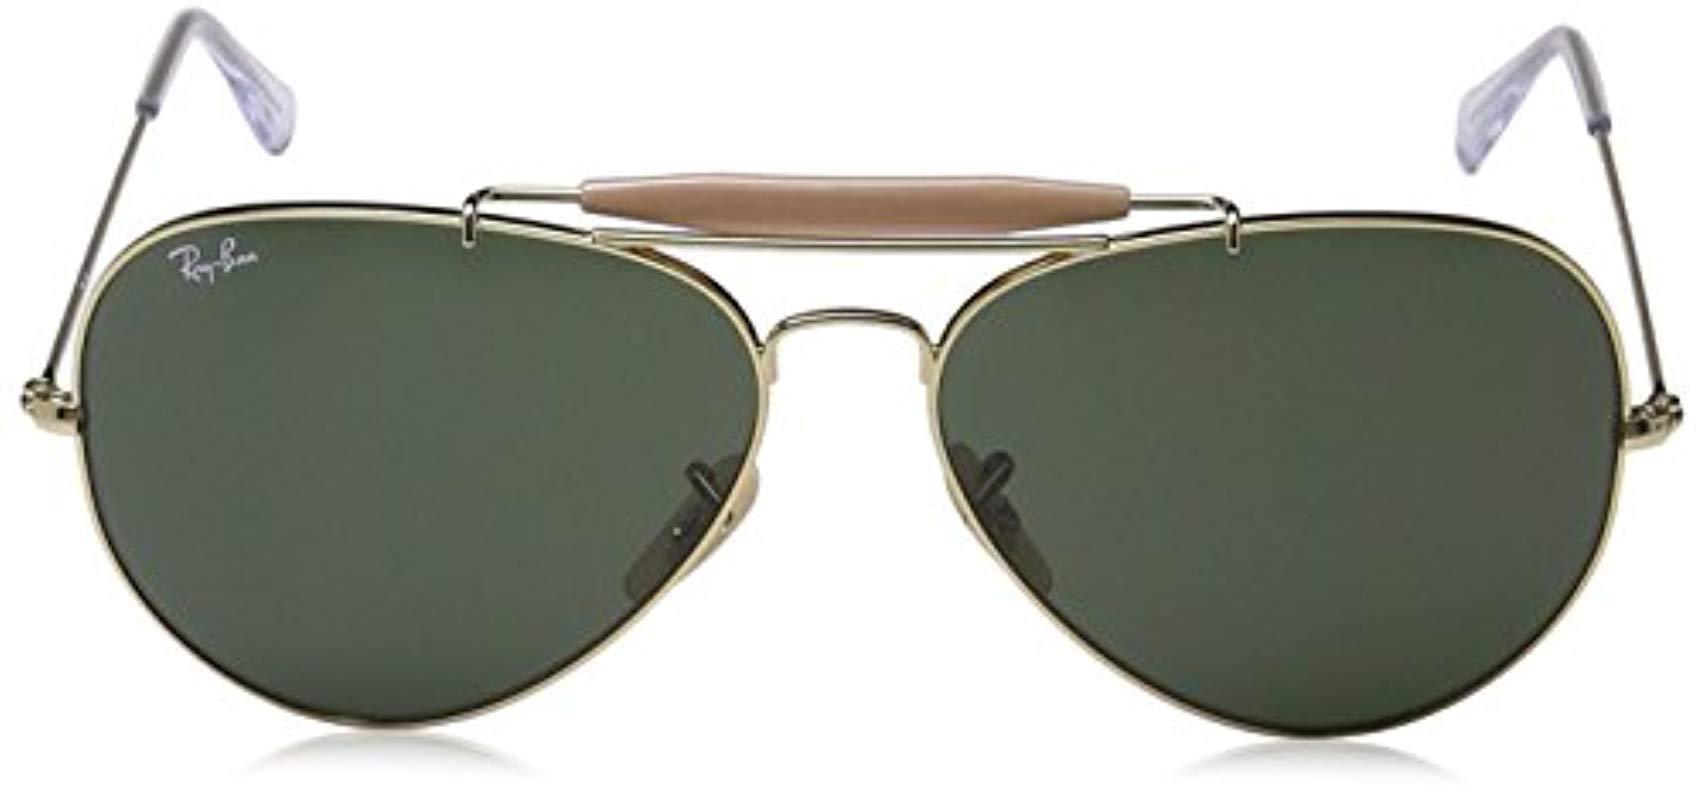 3a7a2d2ff4 Ray-Ban - Outdoorsman Ii - Arista Frame Crystal Green Lenses 62mm Non- polarized. View fullscreen